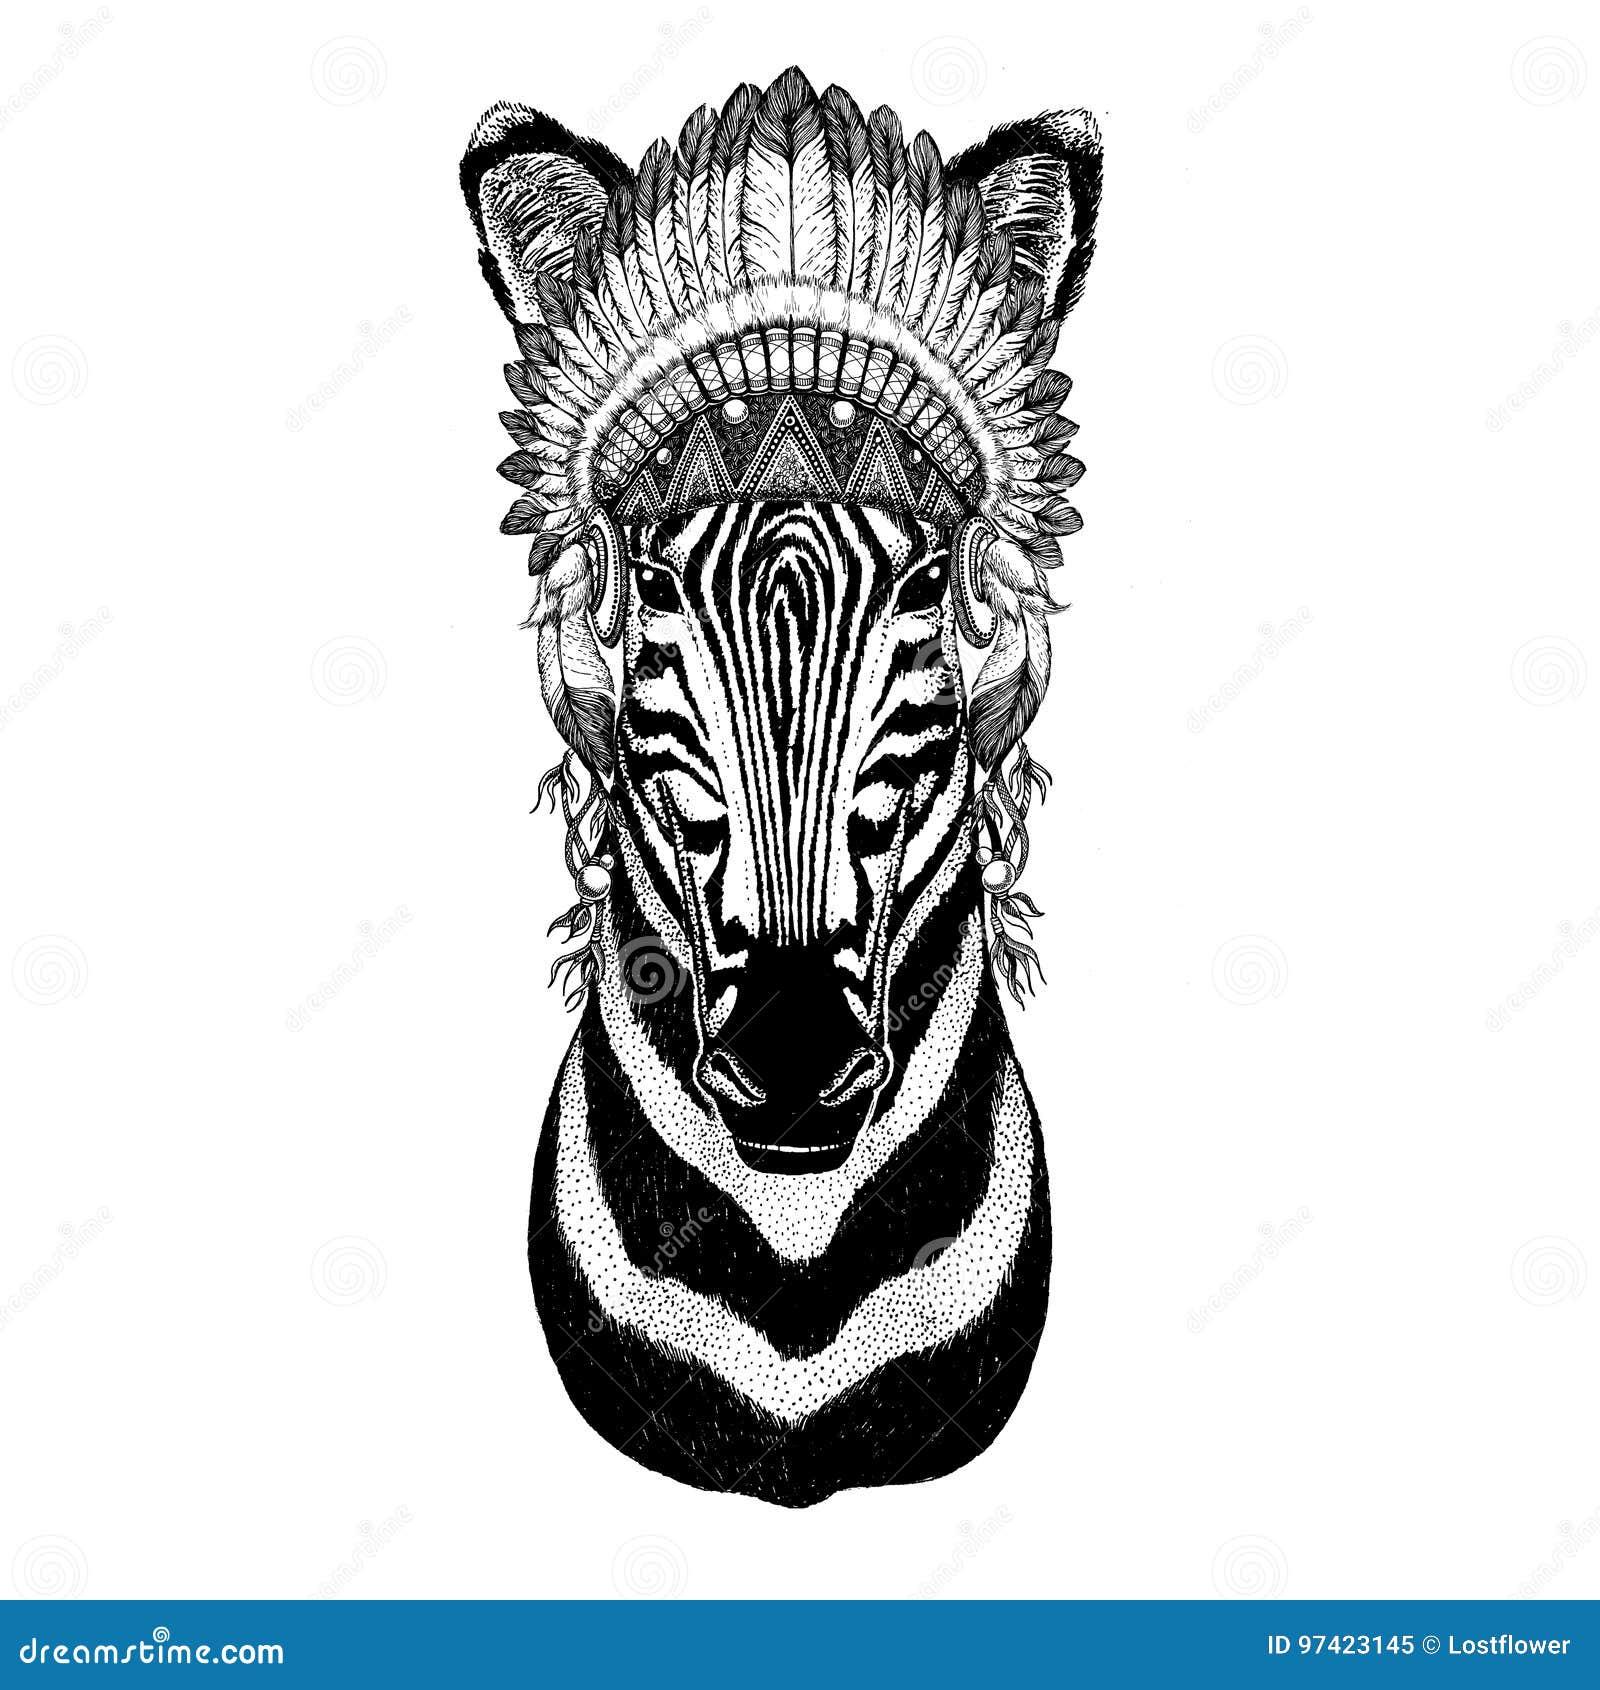 Zebra Horse Wild Animal Wearing Indian Hat Headdress With Feathers Boho Ethnic Image Tribal Illustraton Stock Illustration Illustration Of Tattoo Feather 97423145